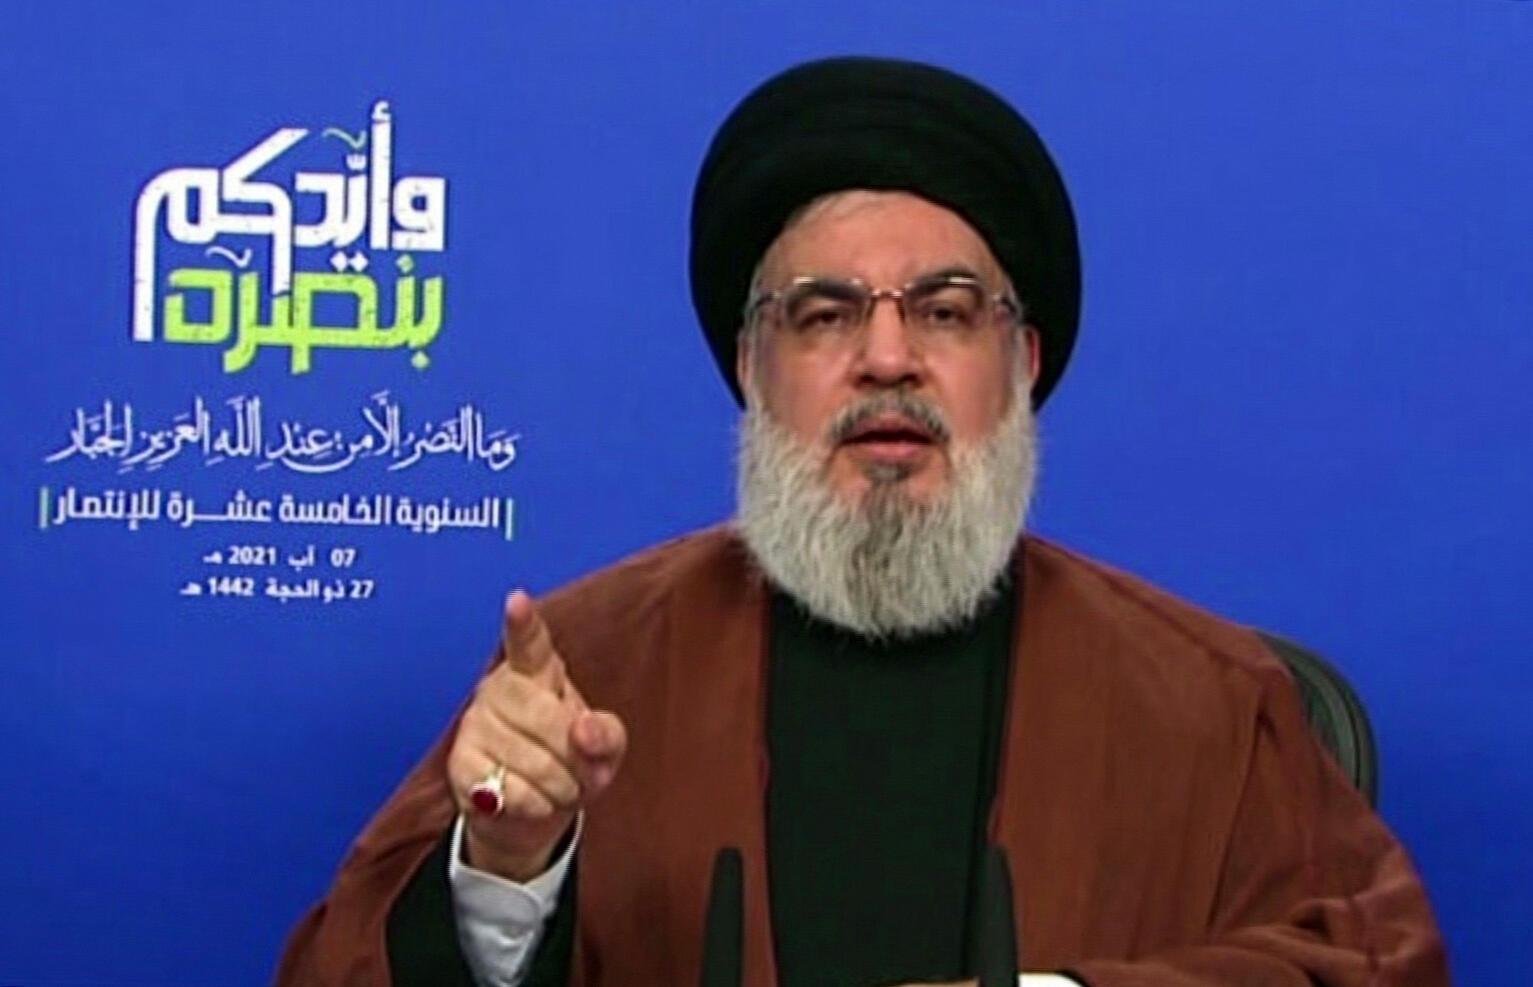 El jefe de la organización Hezbolá, Hasan Nasrallah, en su discurso del 7 de agosto de 2021.